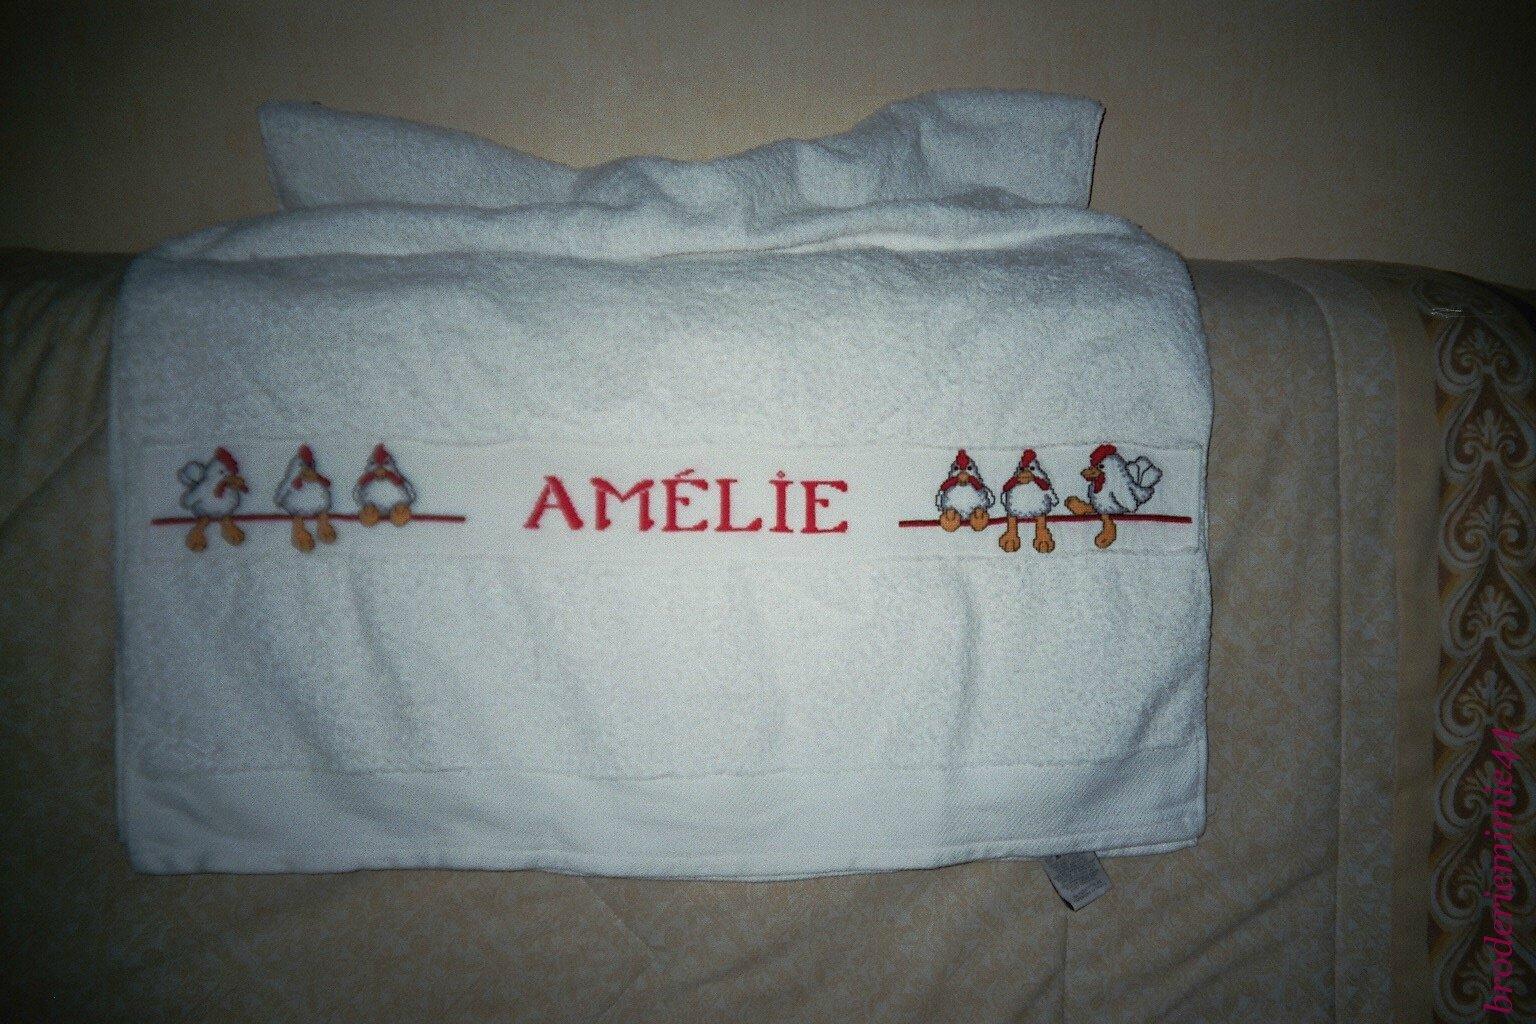 AMELIE - COCOTTES